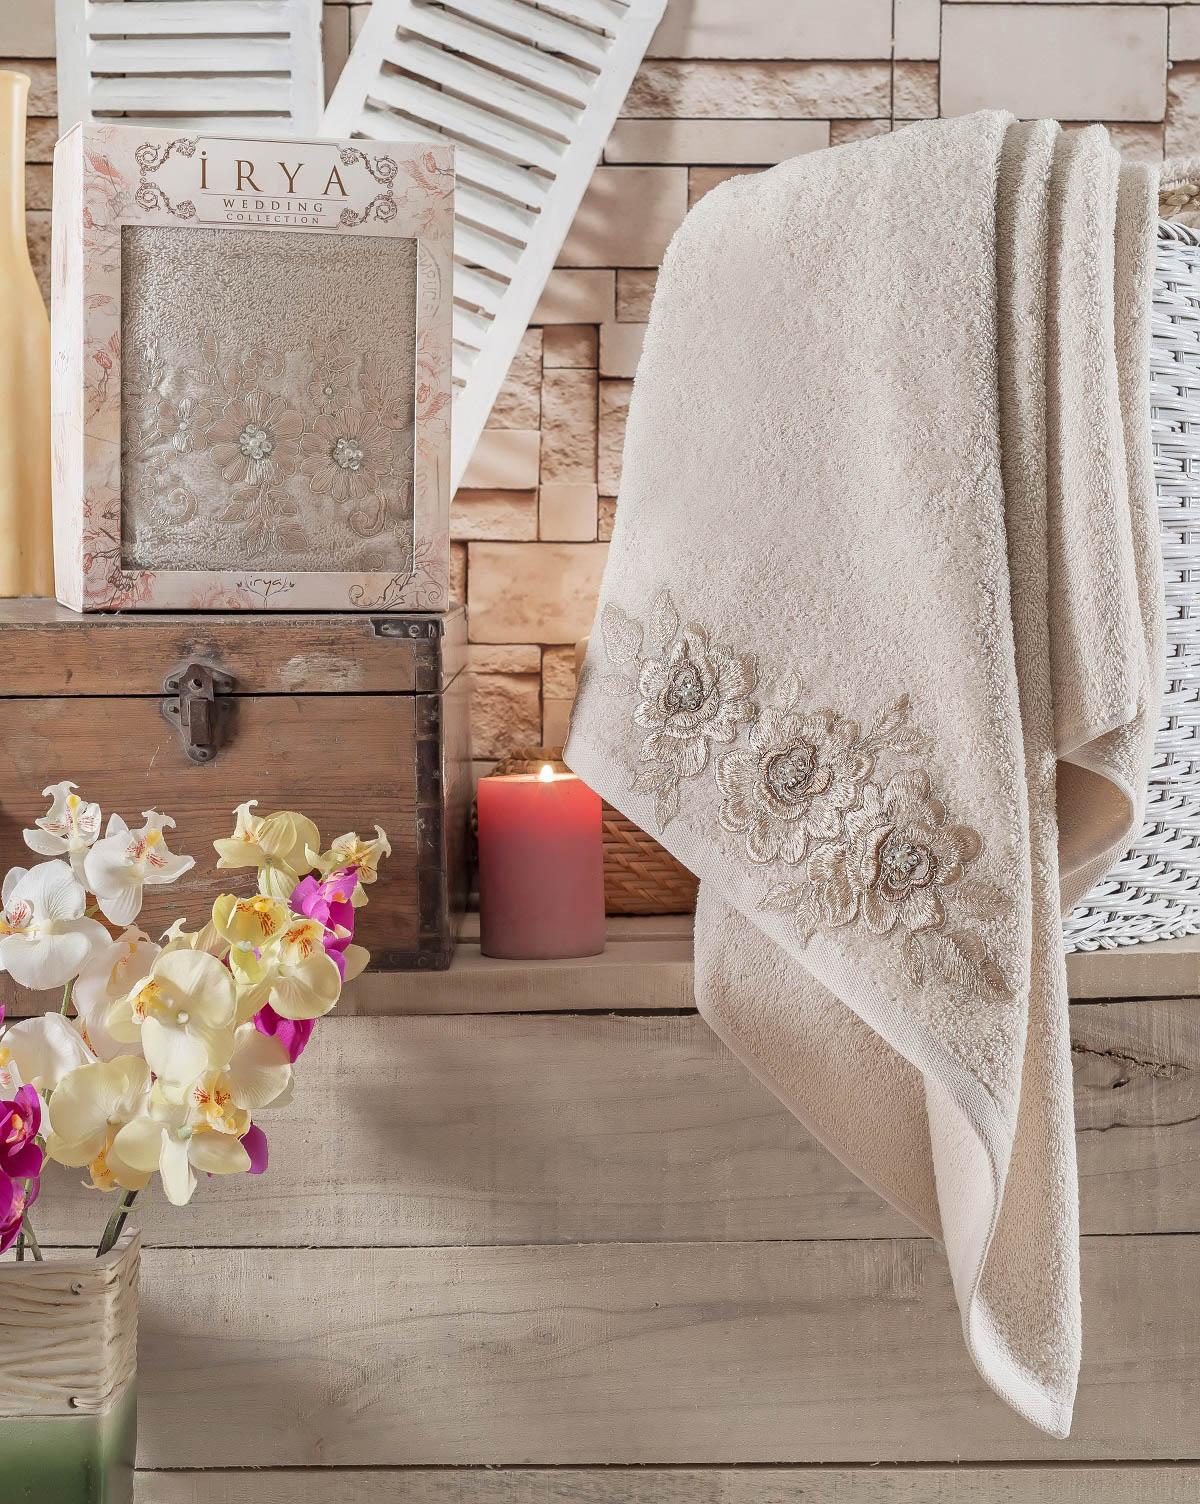 Купить Полотенца IRYA, Полотенце Romantic Цвет: Бежевый (85х150 см), Турция, Махра